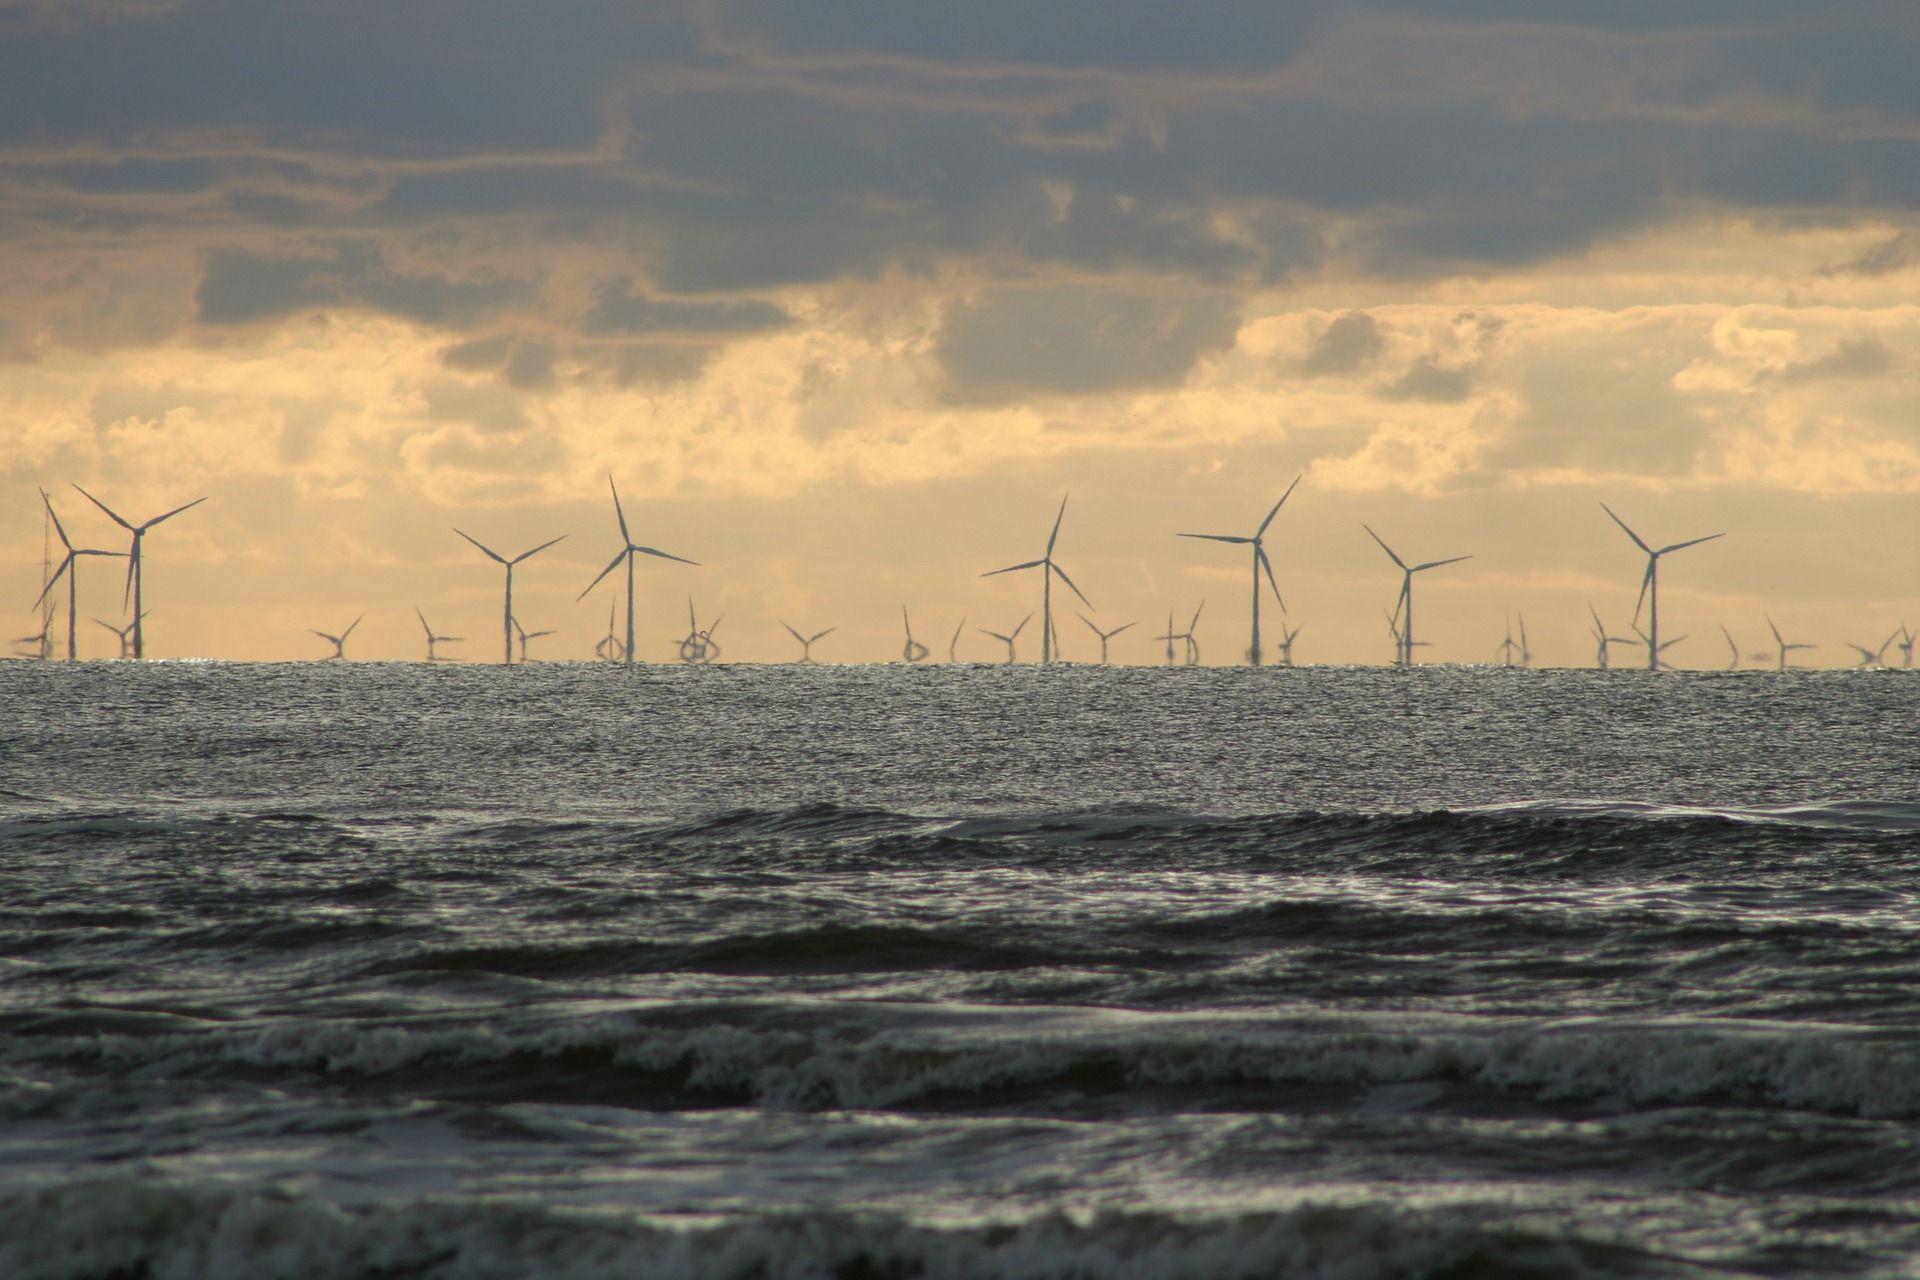 EU-Kommission will erneuerbare Offshore-Energie fördern